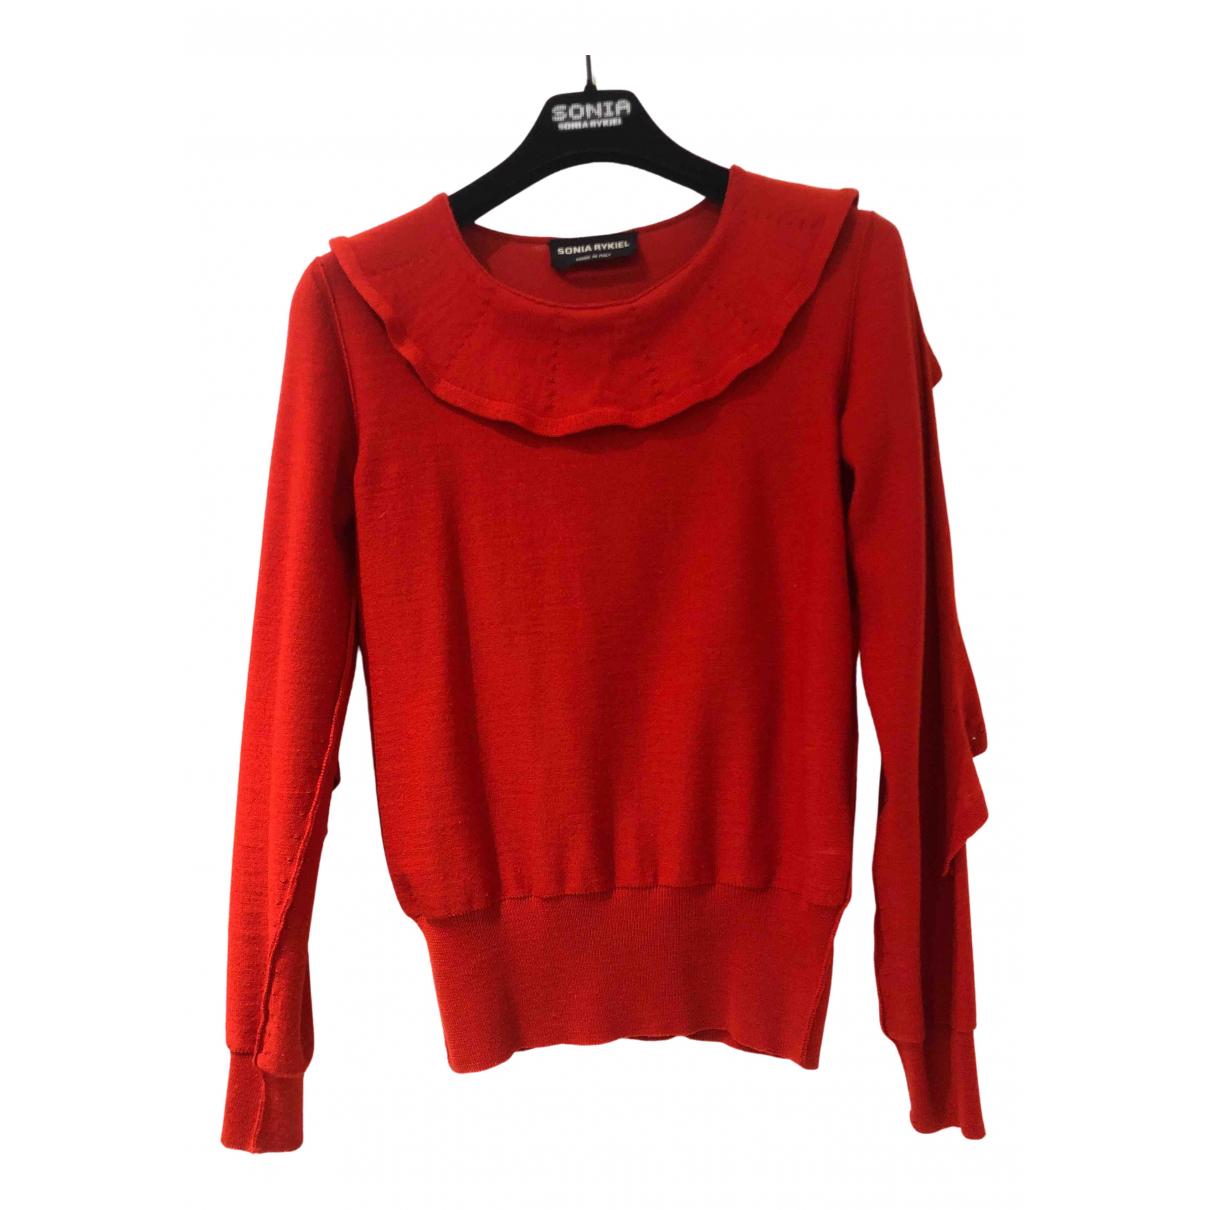 Sonia Rykiel - Pull   pour femme en laine - rouge